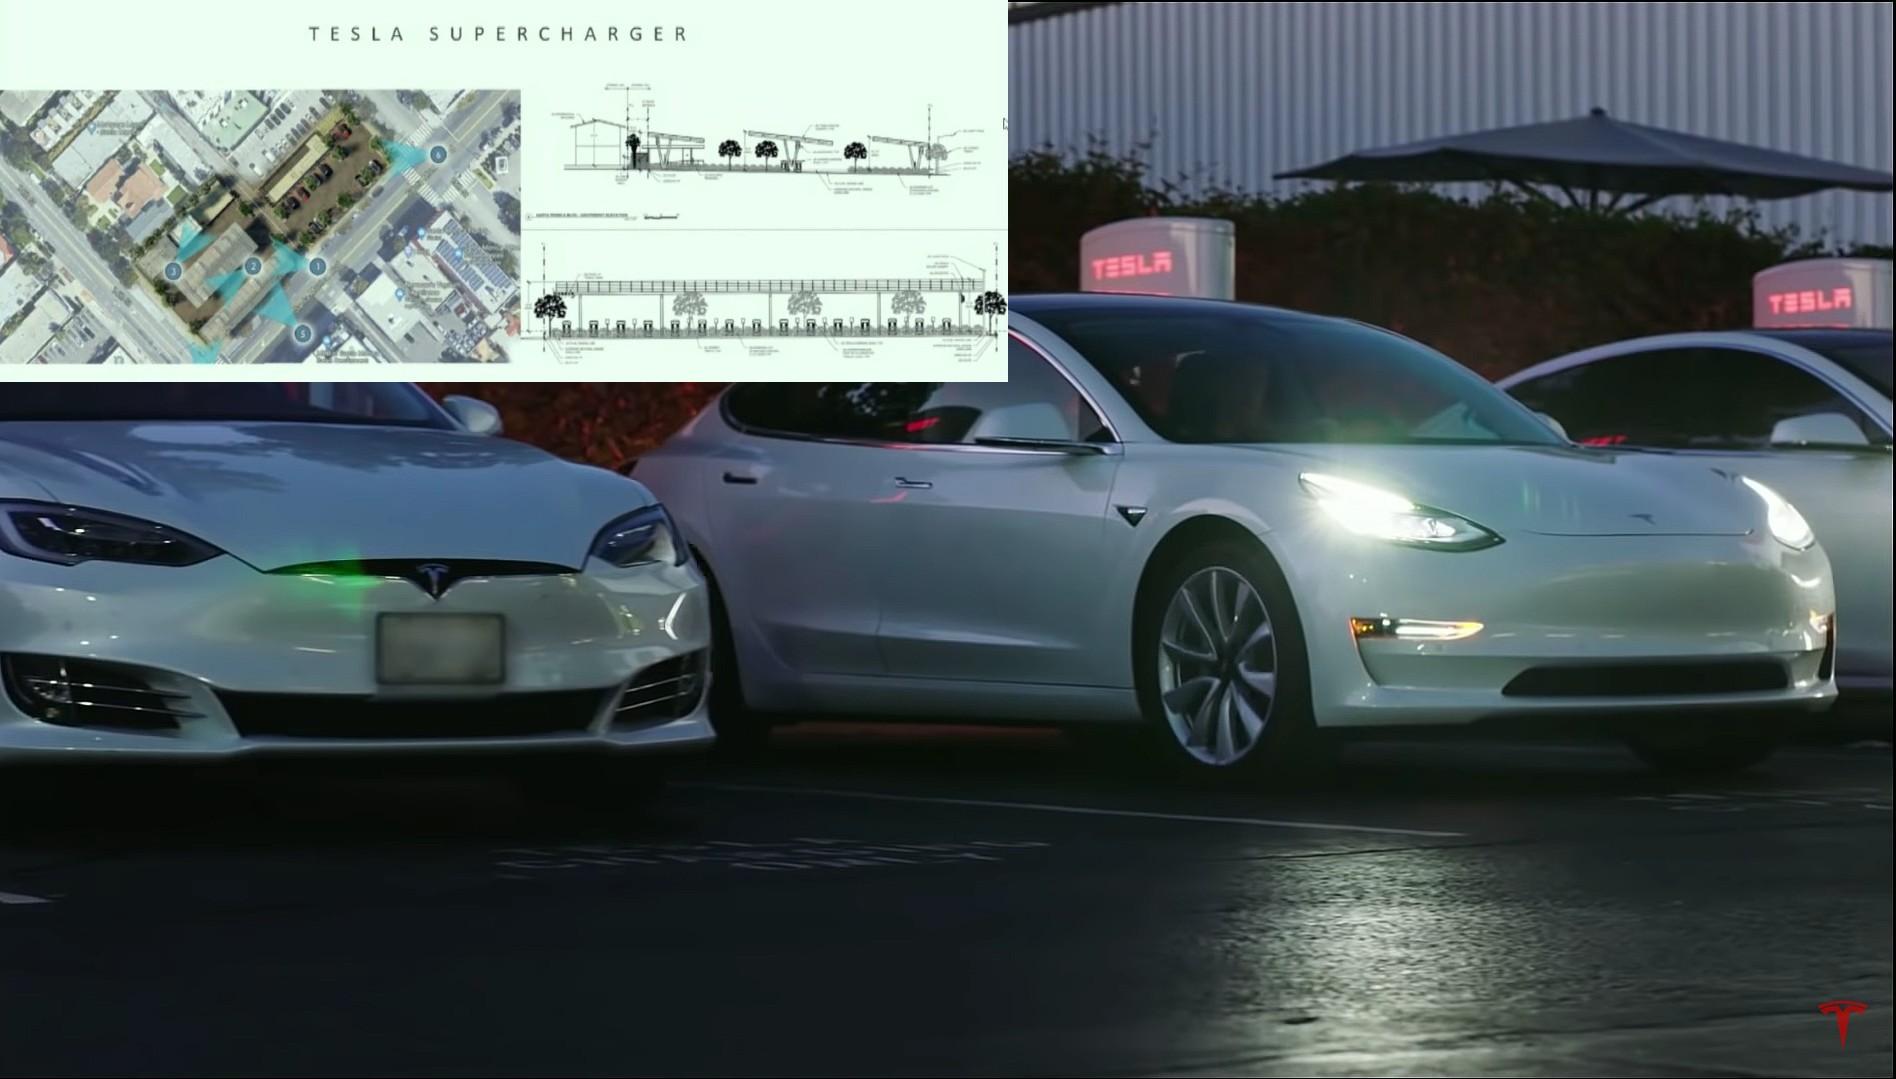 Станция Tesla Supercharger V3 с 62 киосками в Санта-Монике получает одобрение, несмотря на противодействие